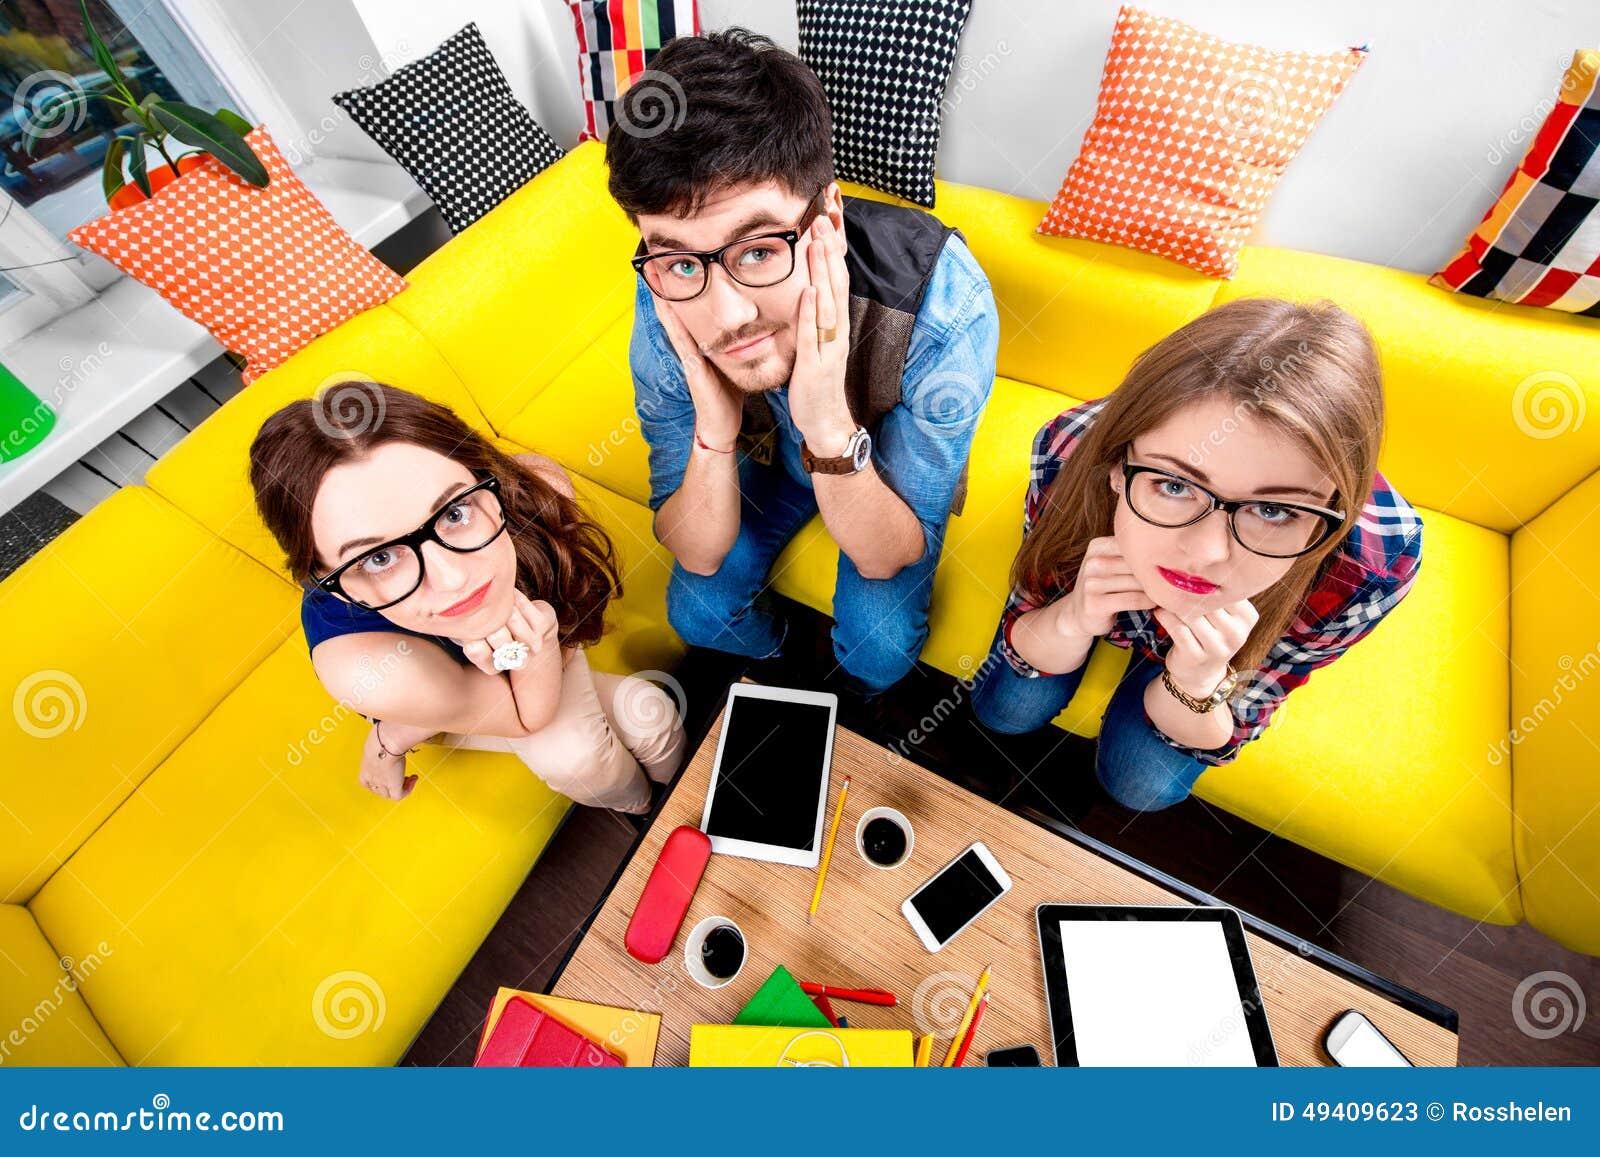 Download Drei Sonderlinge Auf Der Couch Stockbild - Bild von erschöpft, ausbildung: 49409623